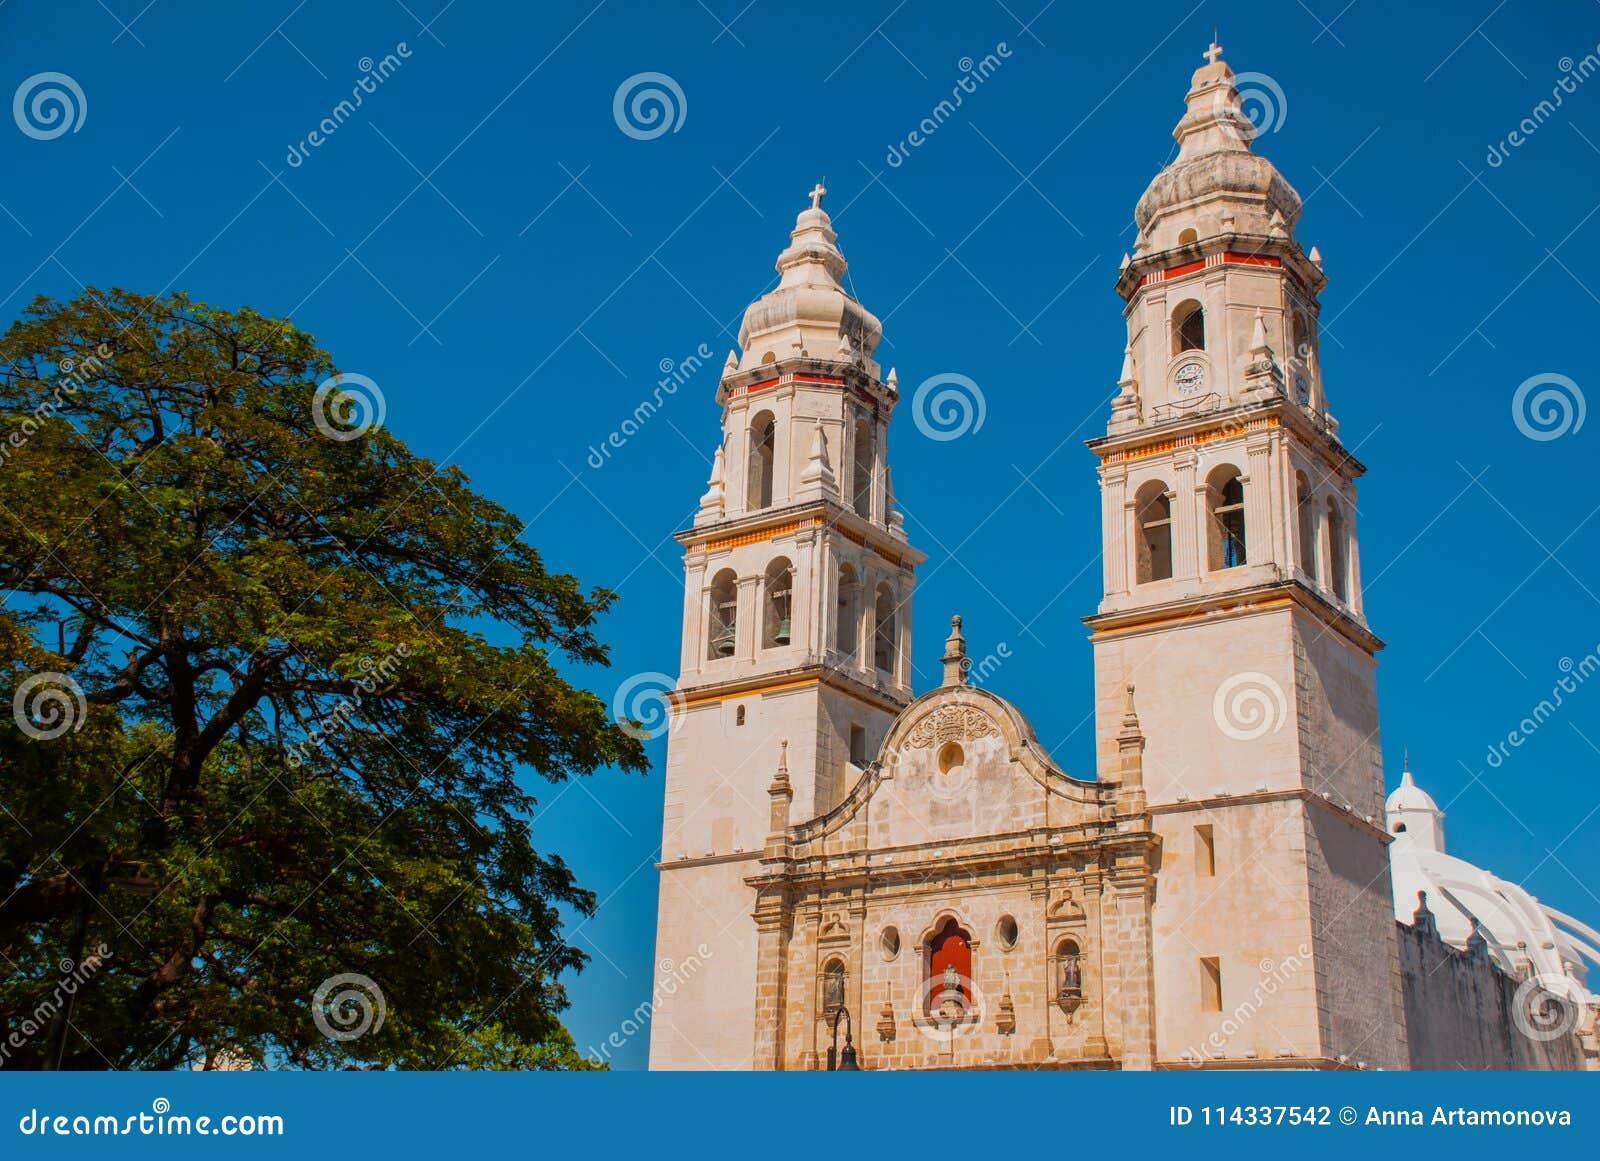 Καθεδρικός ναός στο υπόβαθρο του μπλε ουρανού Σαν Φρανσίσκο de Campeche, Μεξικό